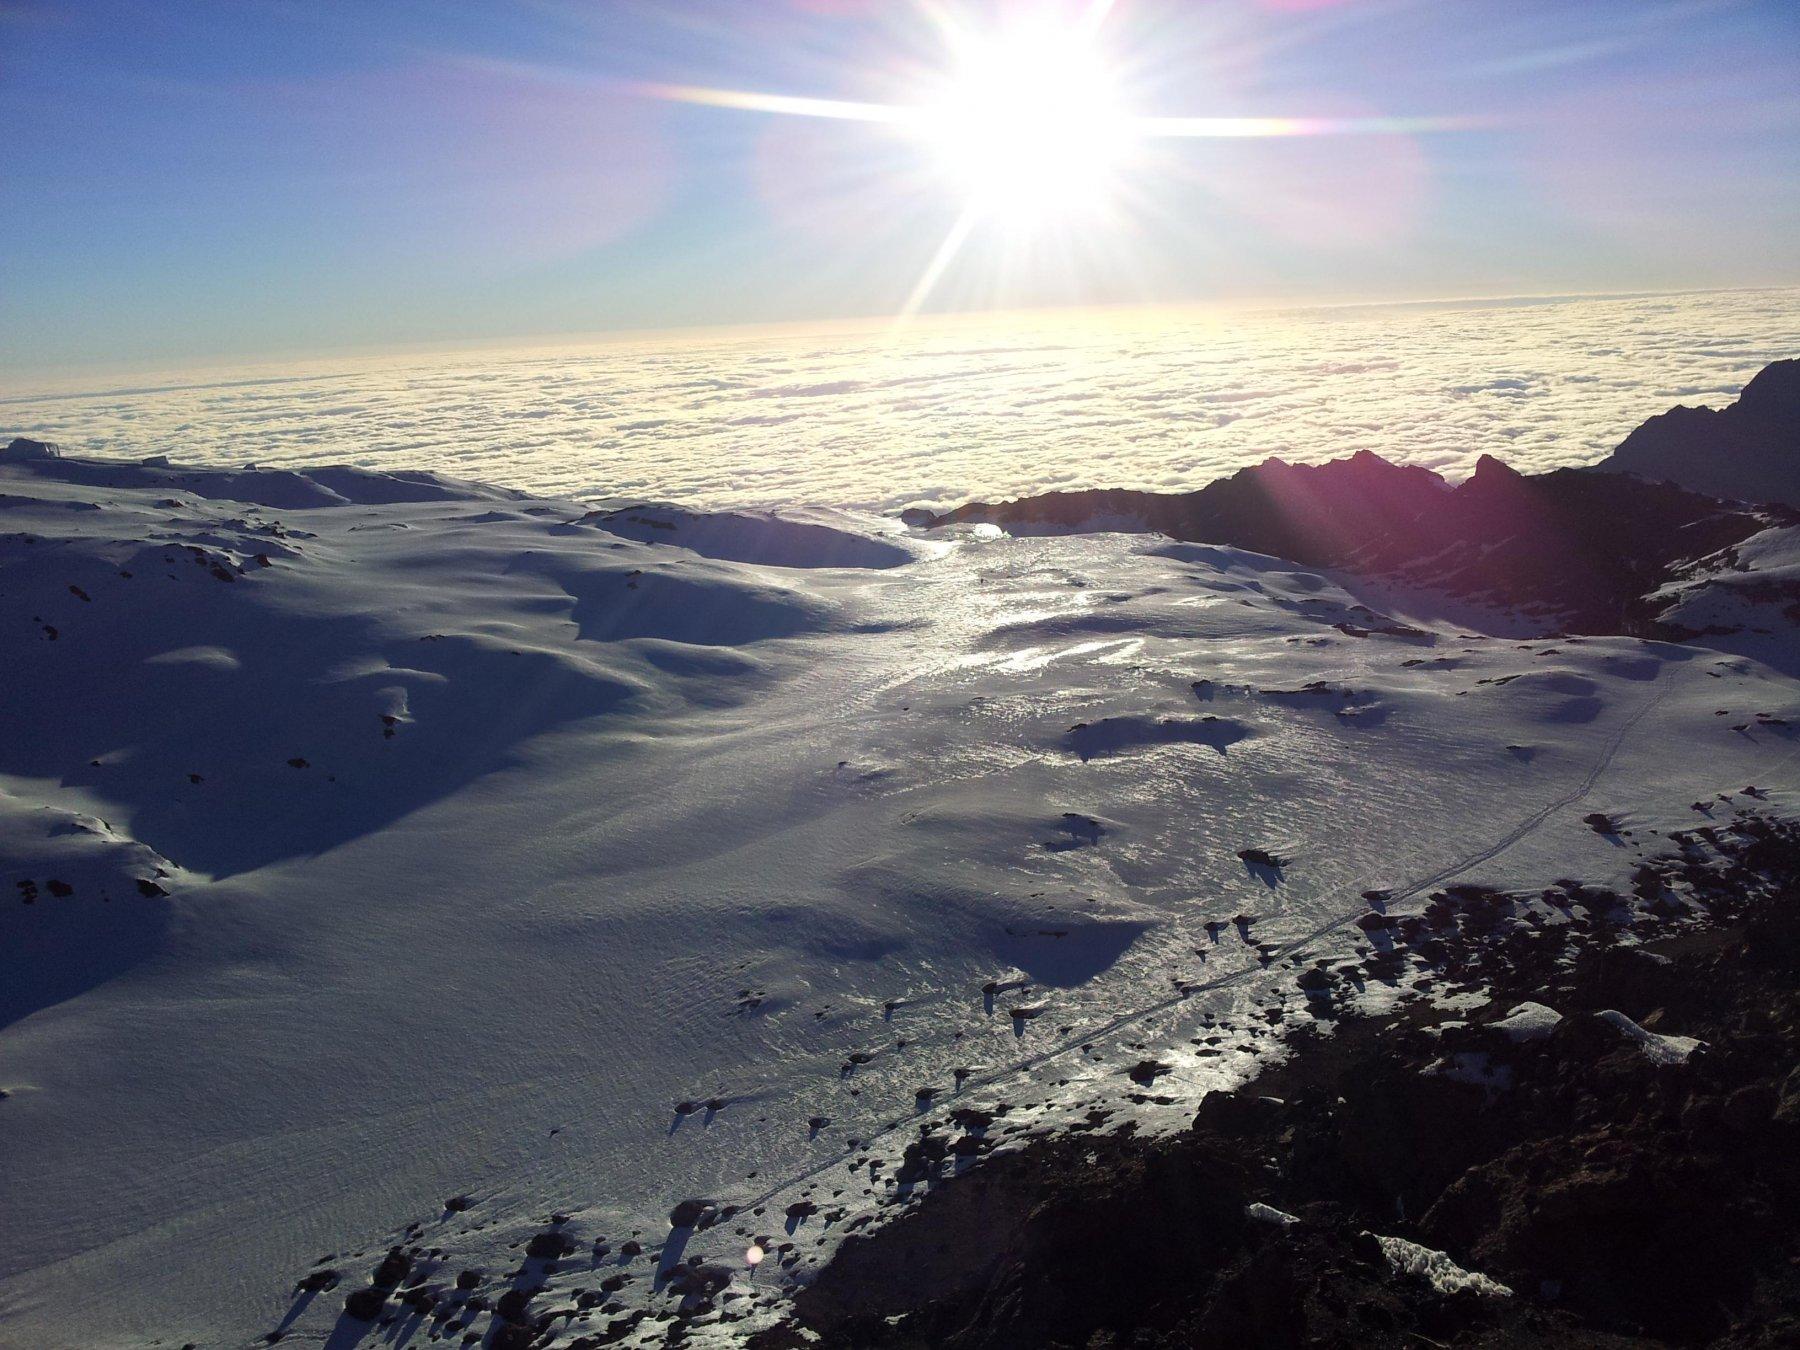 Alba dal bordo dellla caldera